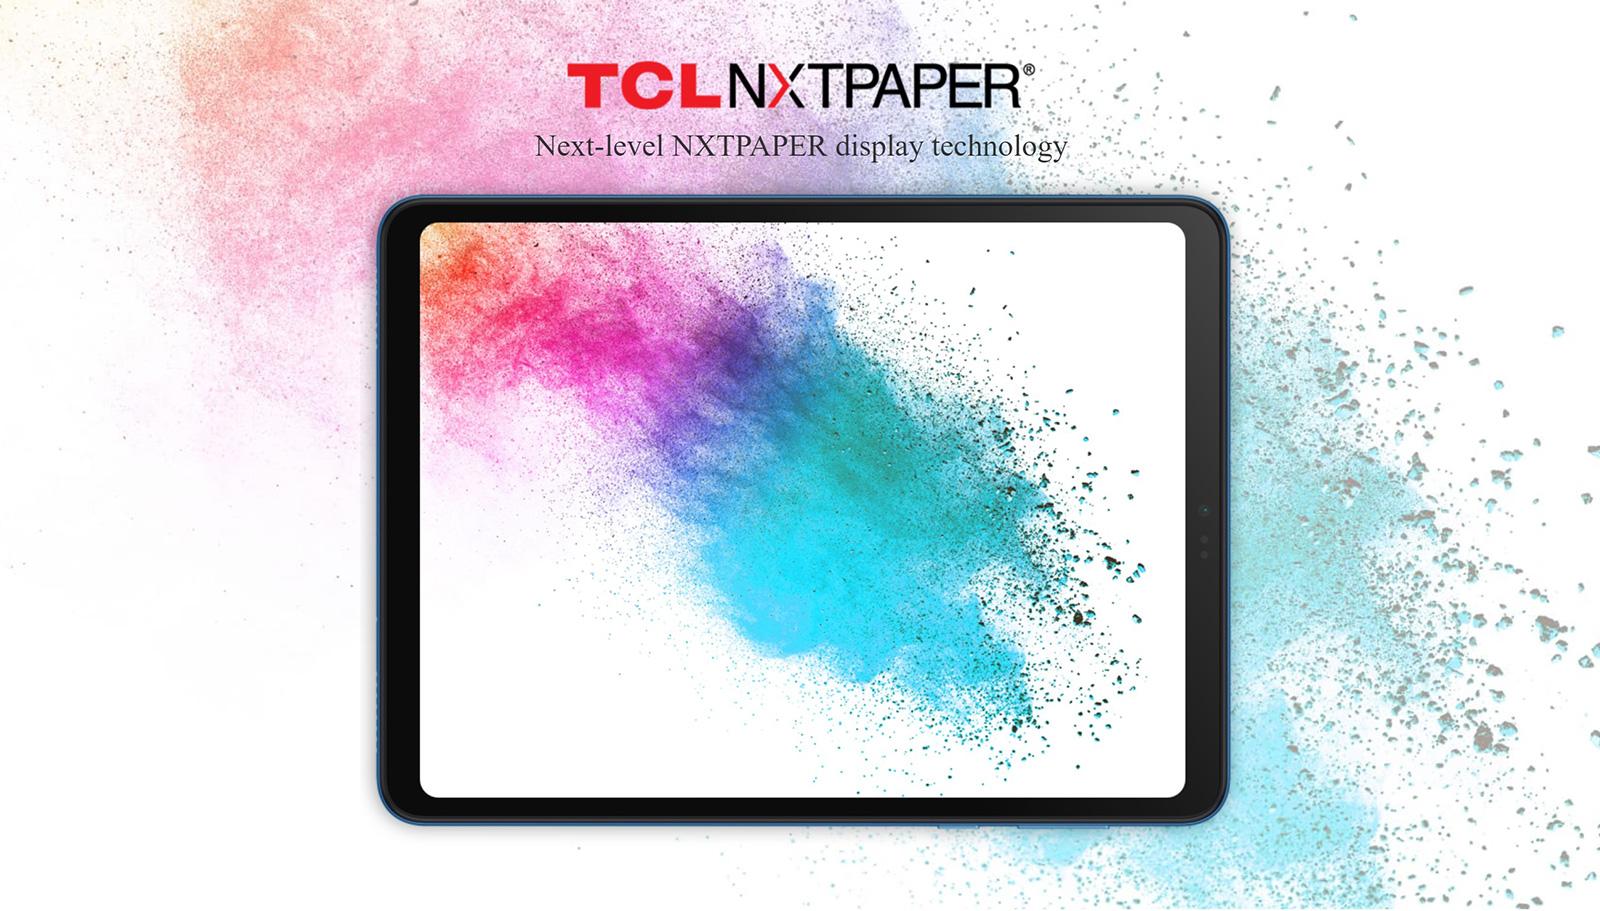 TCL NextPaper